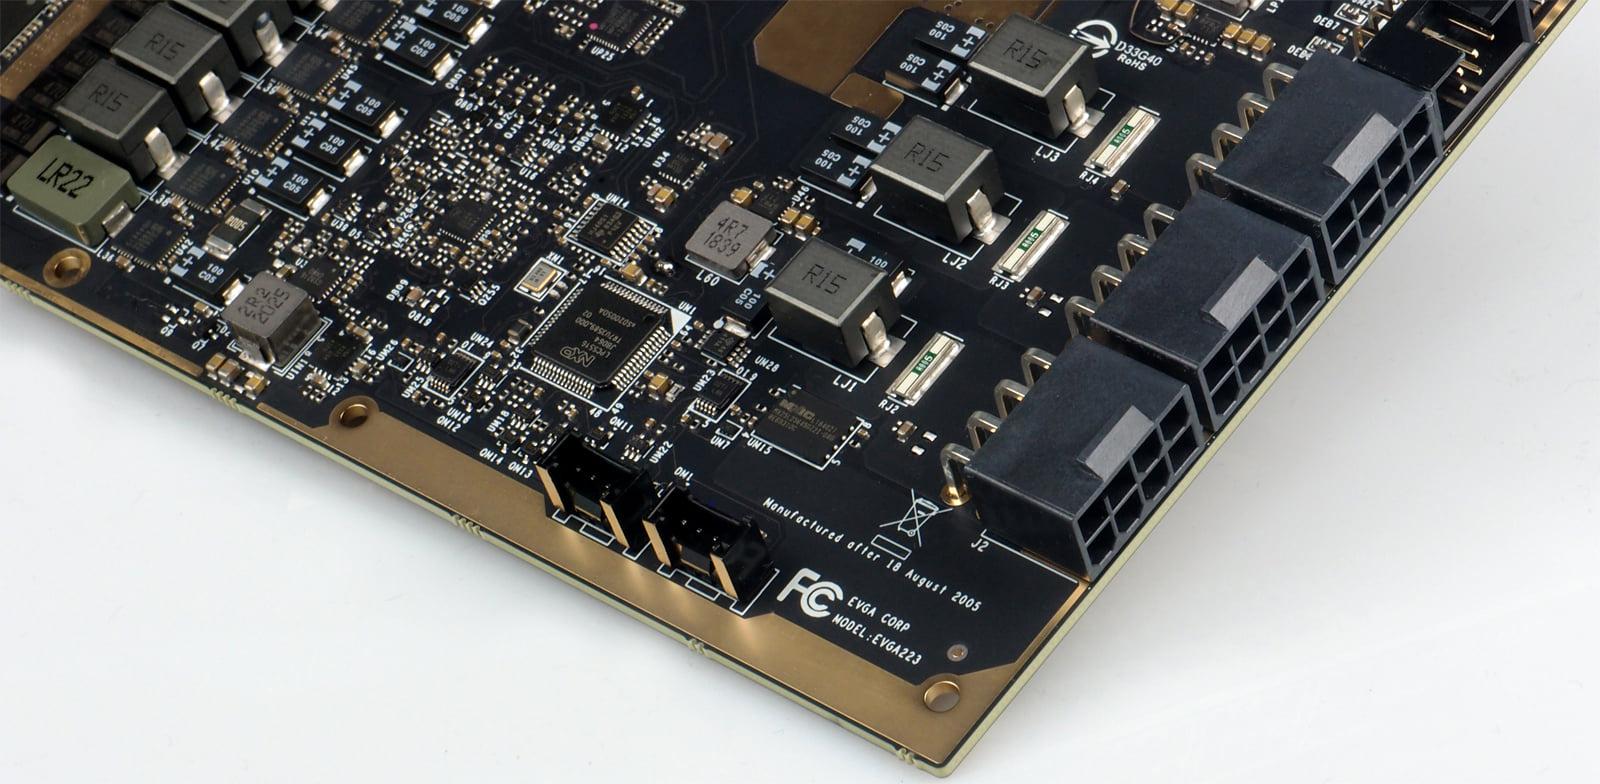 PCB der EVGA GeForce RTX 3090 K|NGP|N